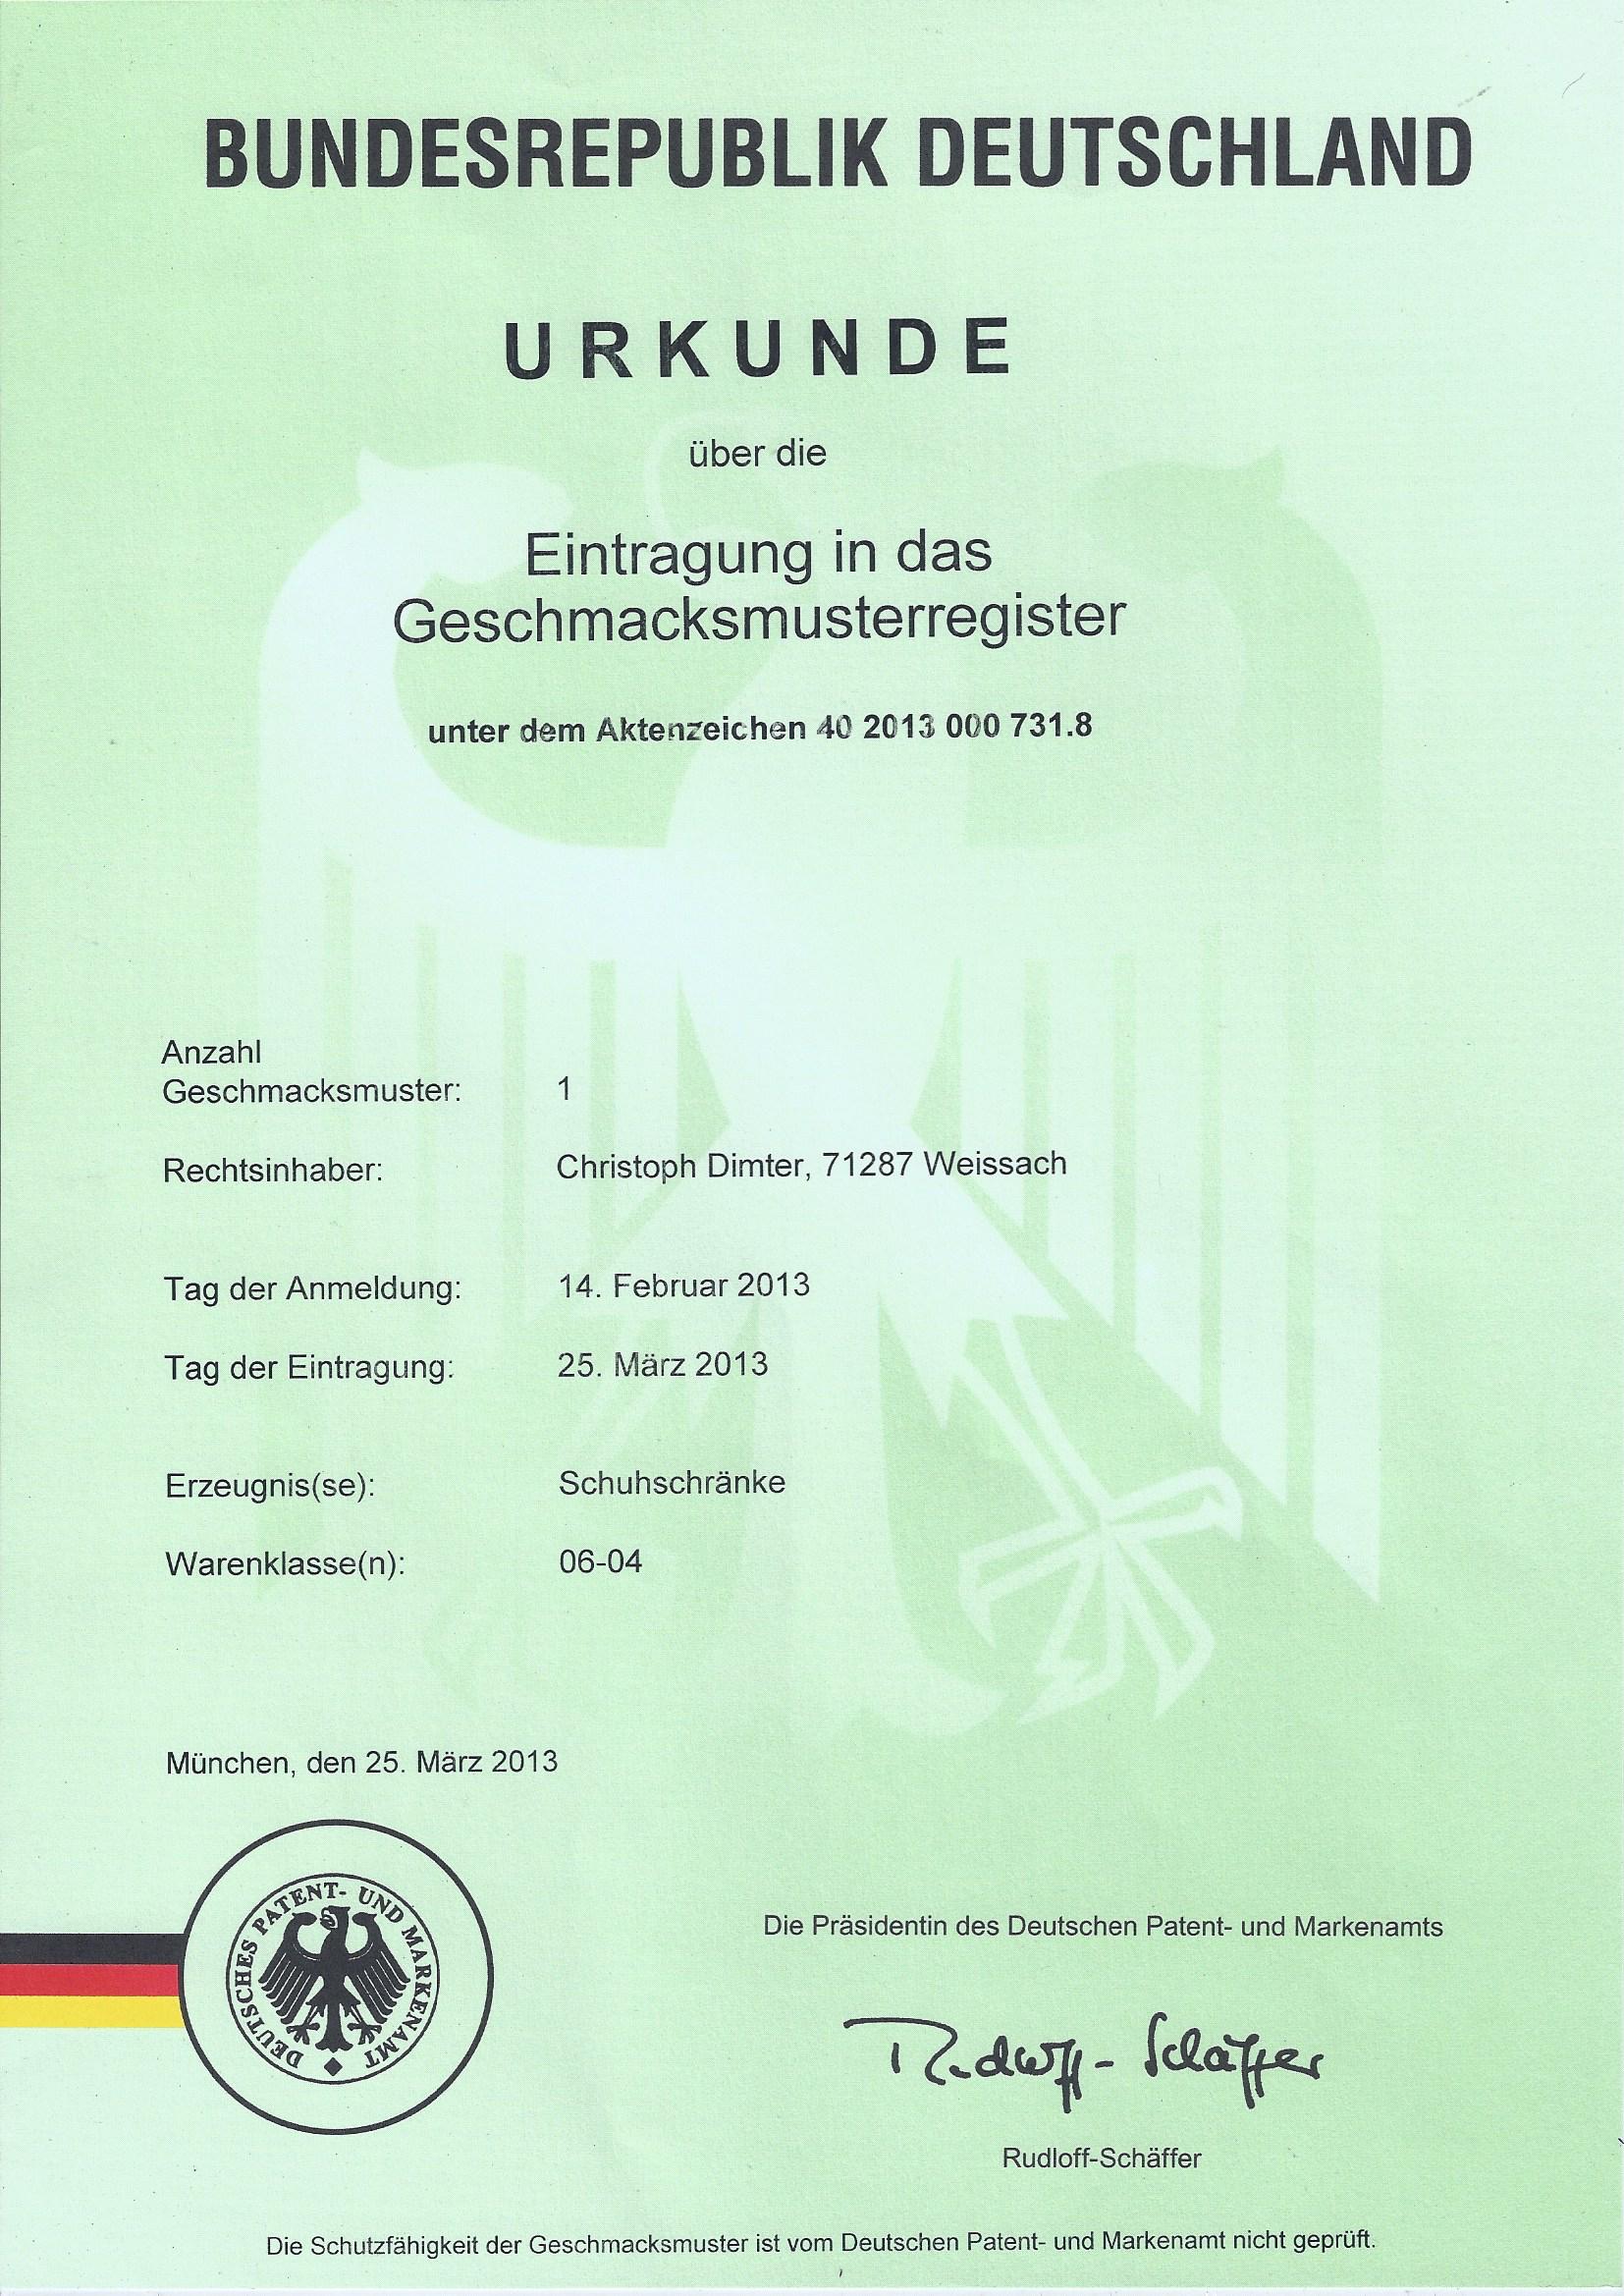 Erf02 drehbarer schuhschrank cede for Drehbarer schuhschrank